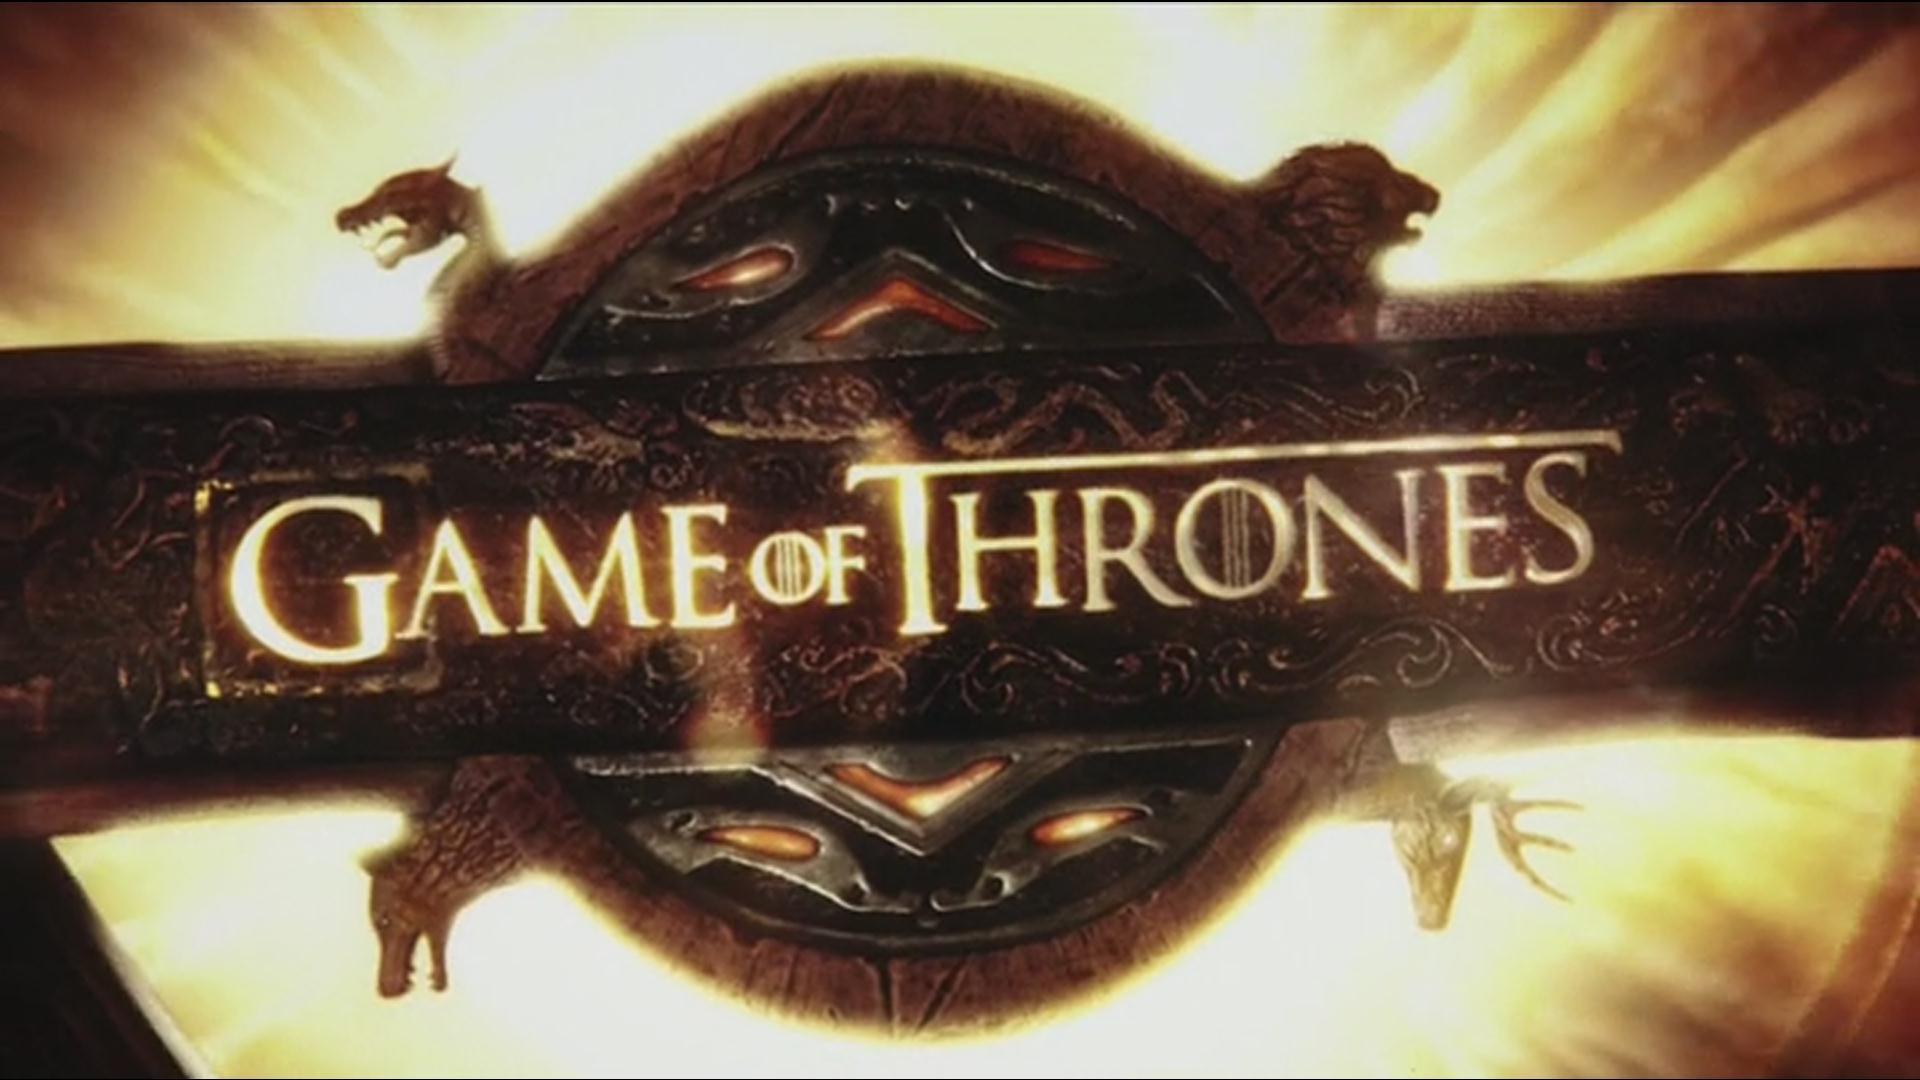 POČETAK S 'PRASKOM' Redatelj: Šesta sezona 'Igre prijestolja' nikoga neće razočarati